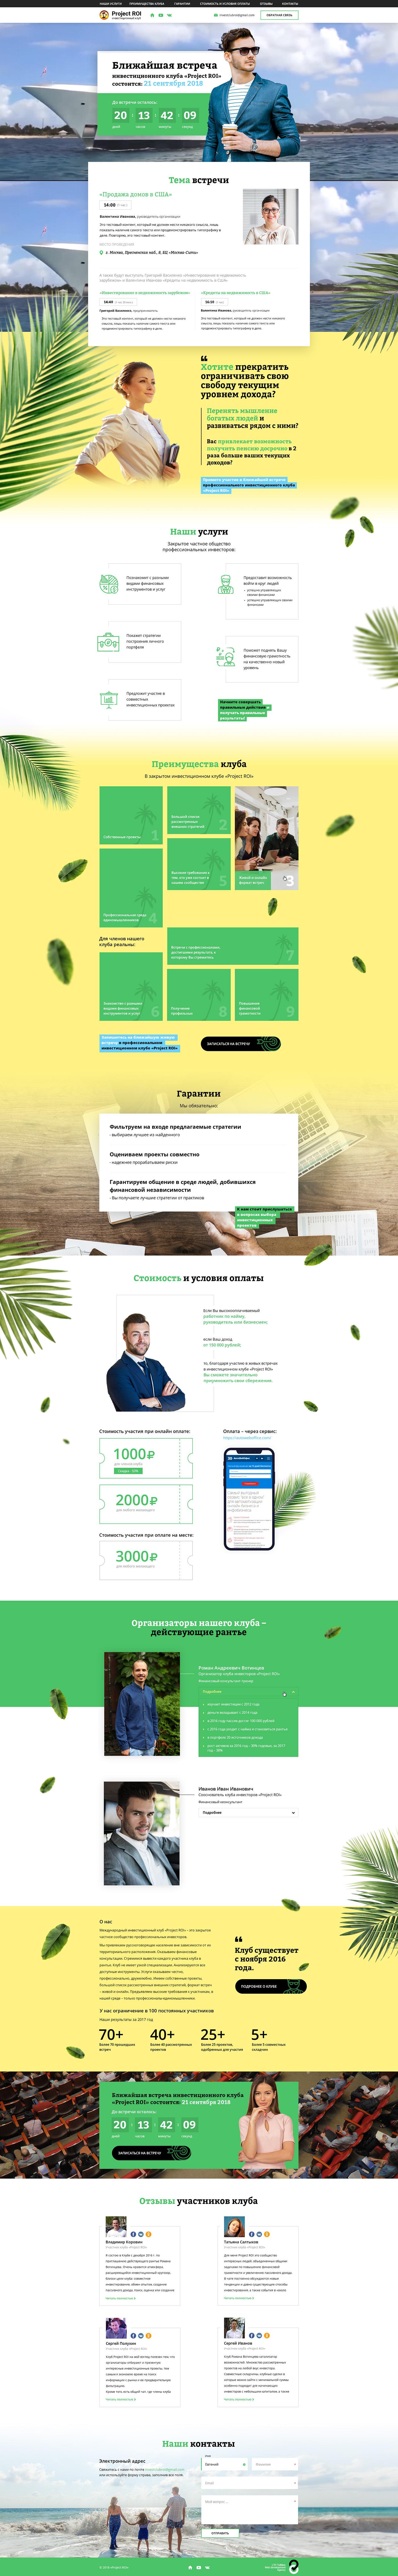 Landing page - организация ежемесячных встреч инвестиционного клуба Project ROI